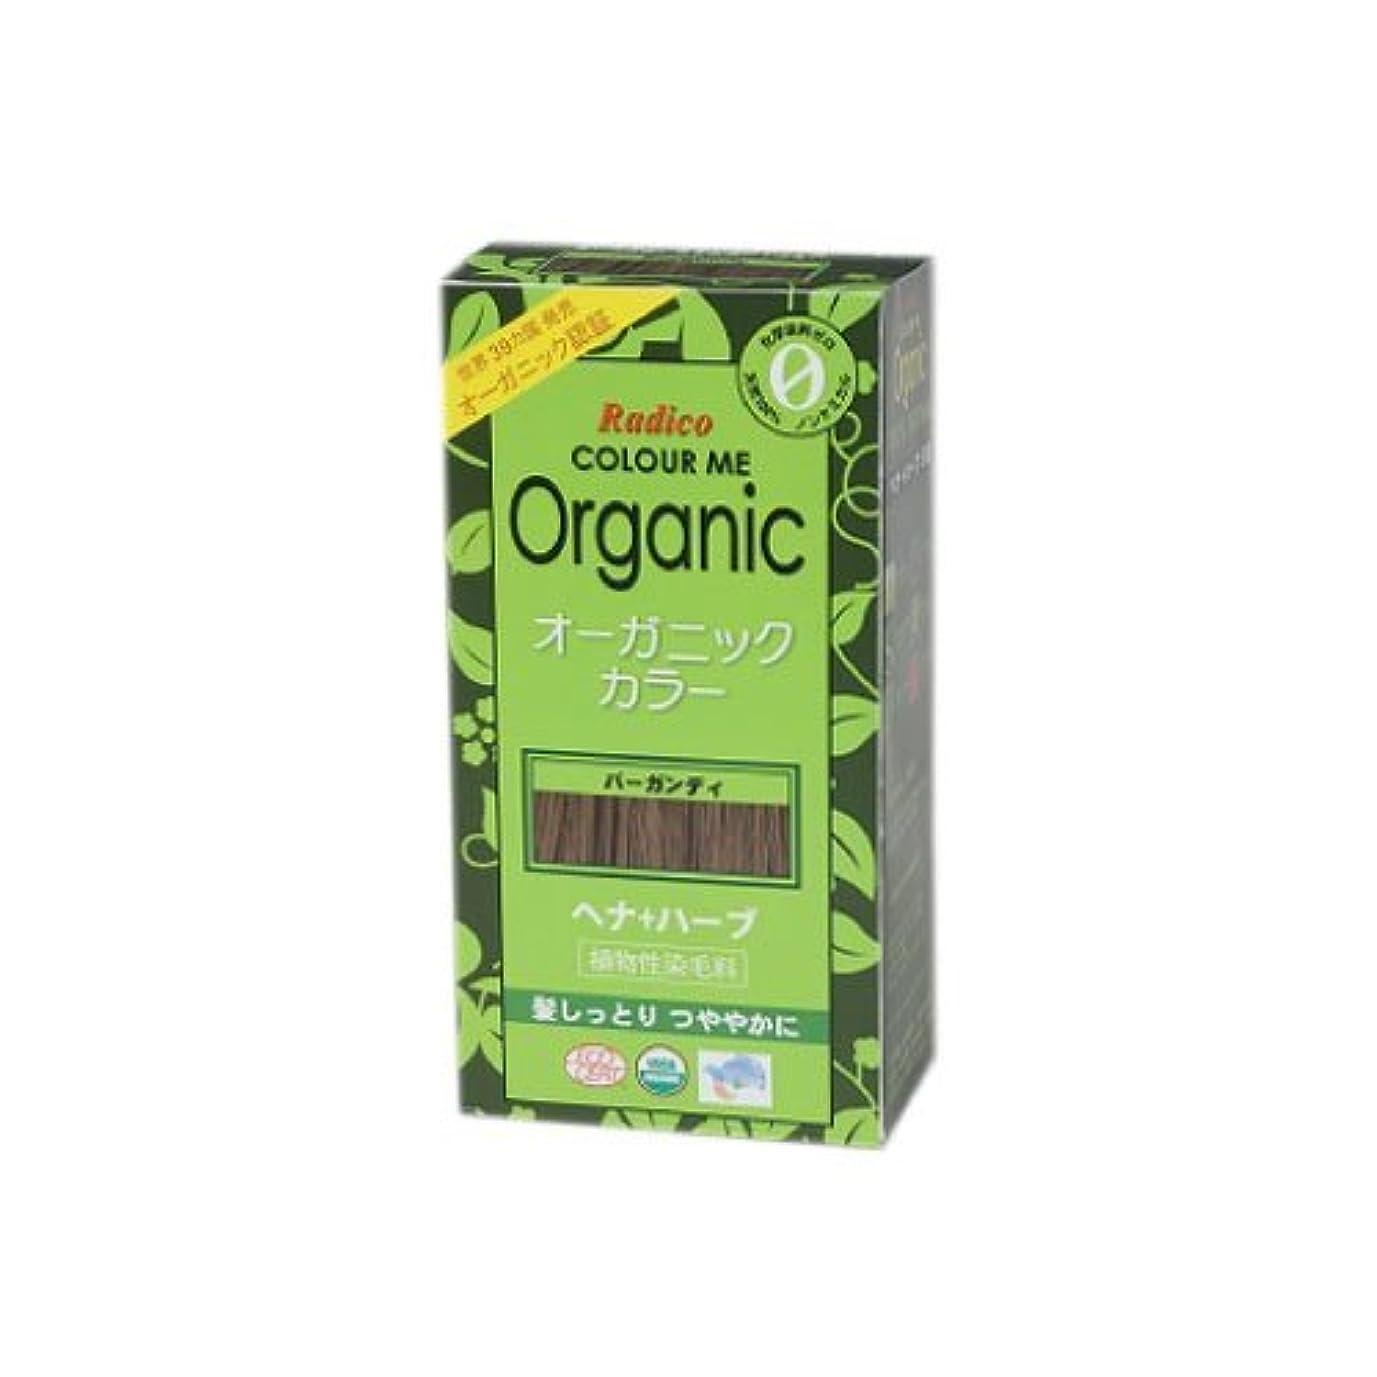 オフ忘れられない同情COLOURME Organic (カラーミーオーガニック ヘナ 白髪用) バーガンディ 100g